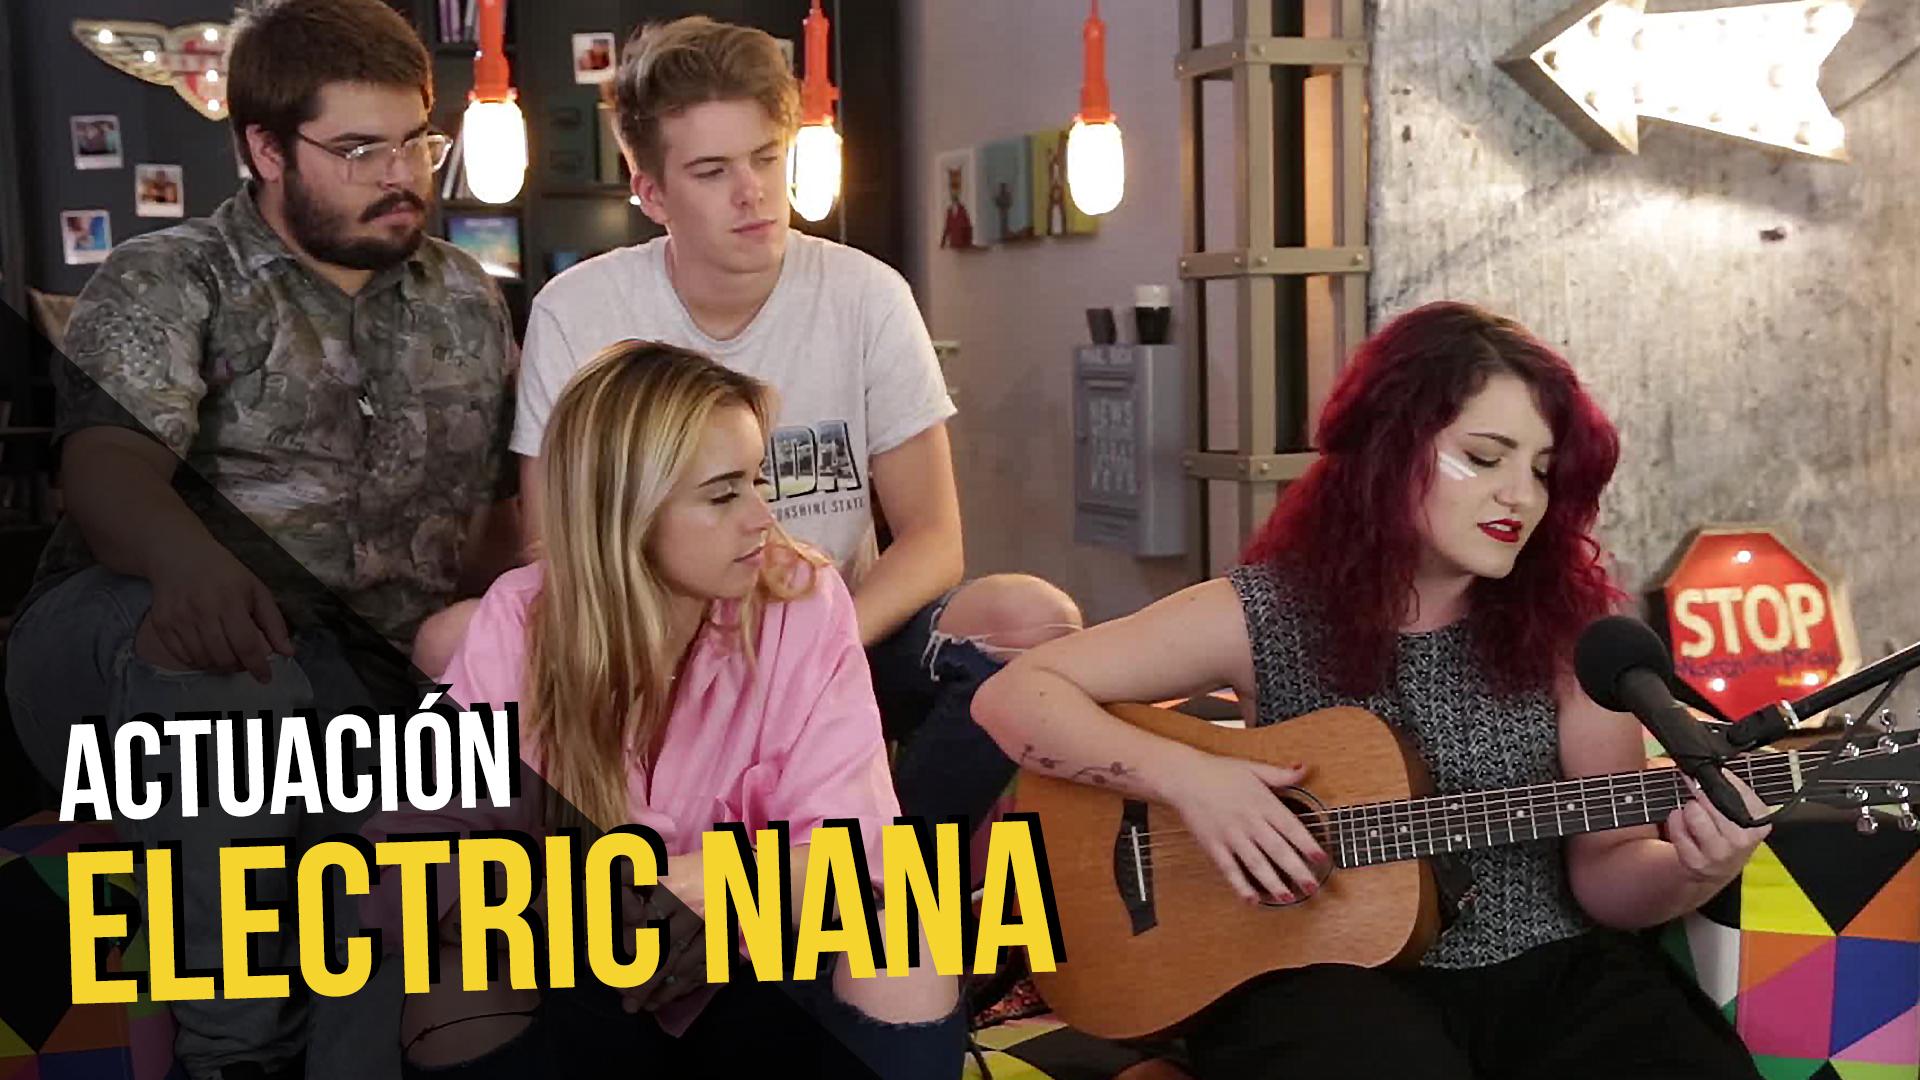 Temporada 1 Electric Nana en acústico